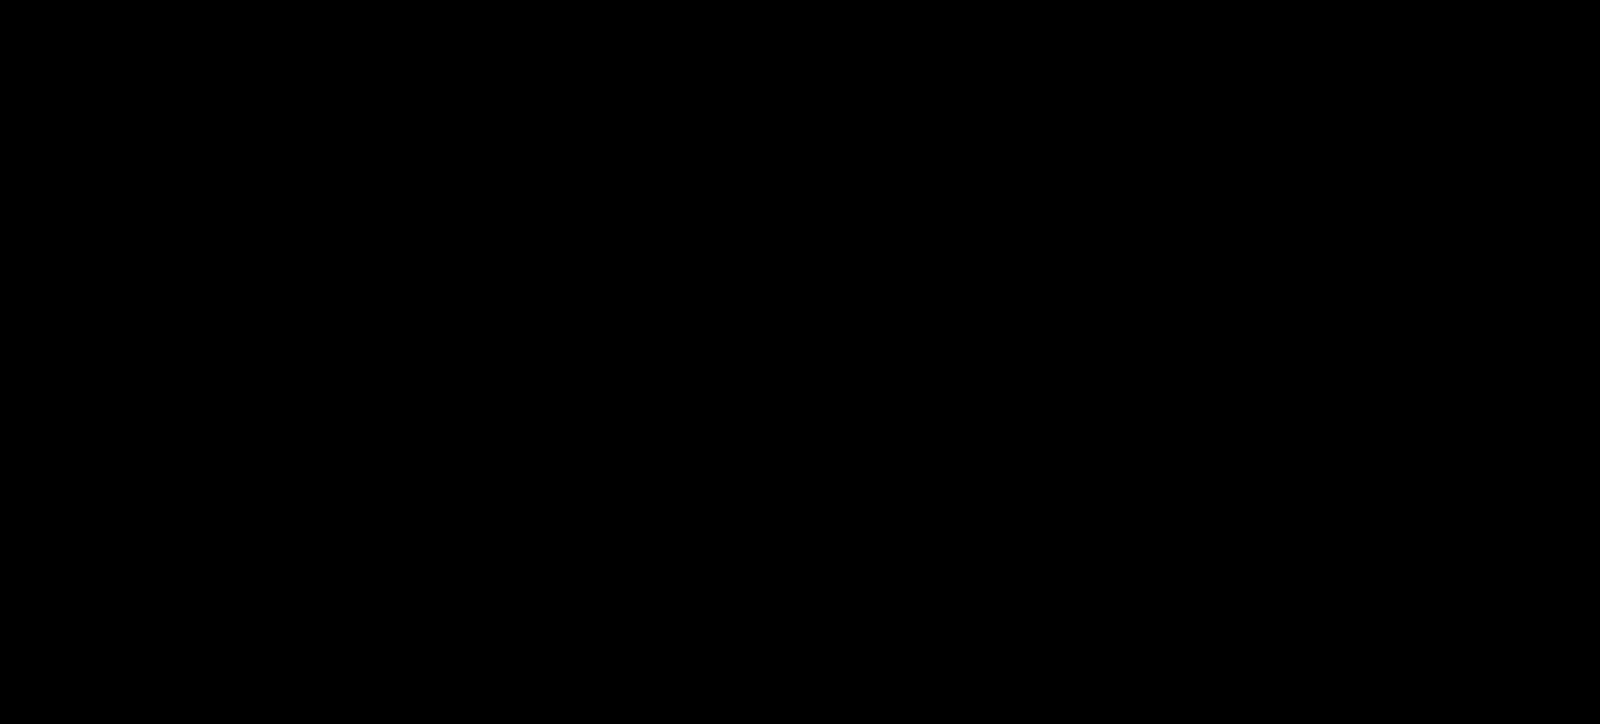 Spiralny wkręt tworzywowy